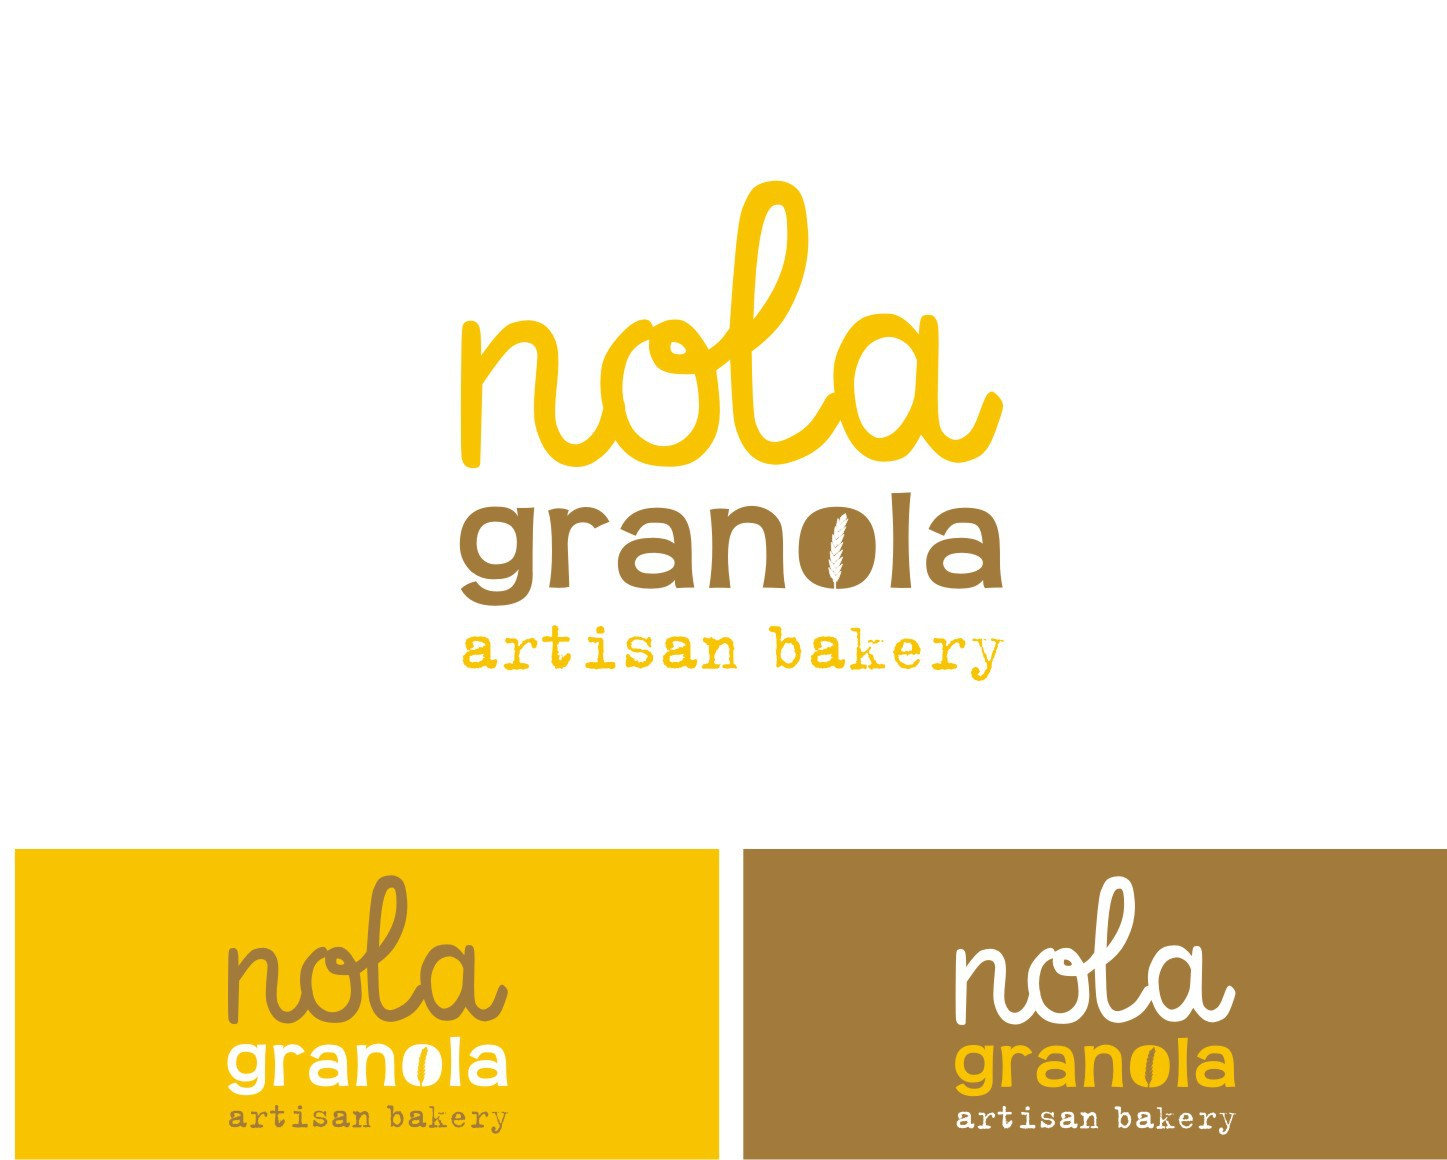 Help Nola Granola with a new logo